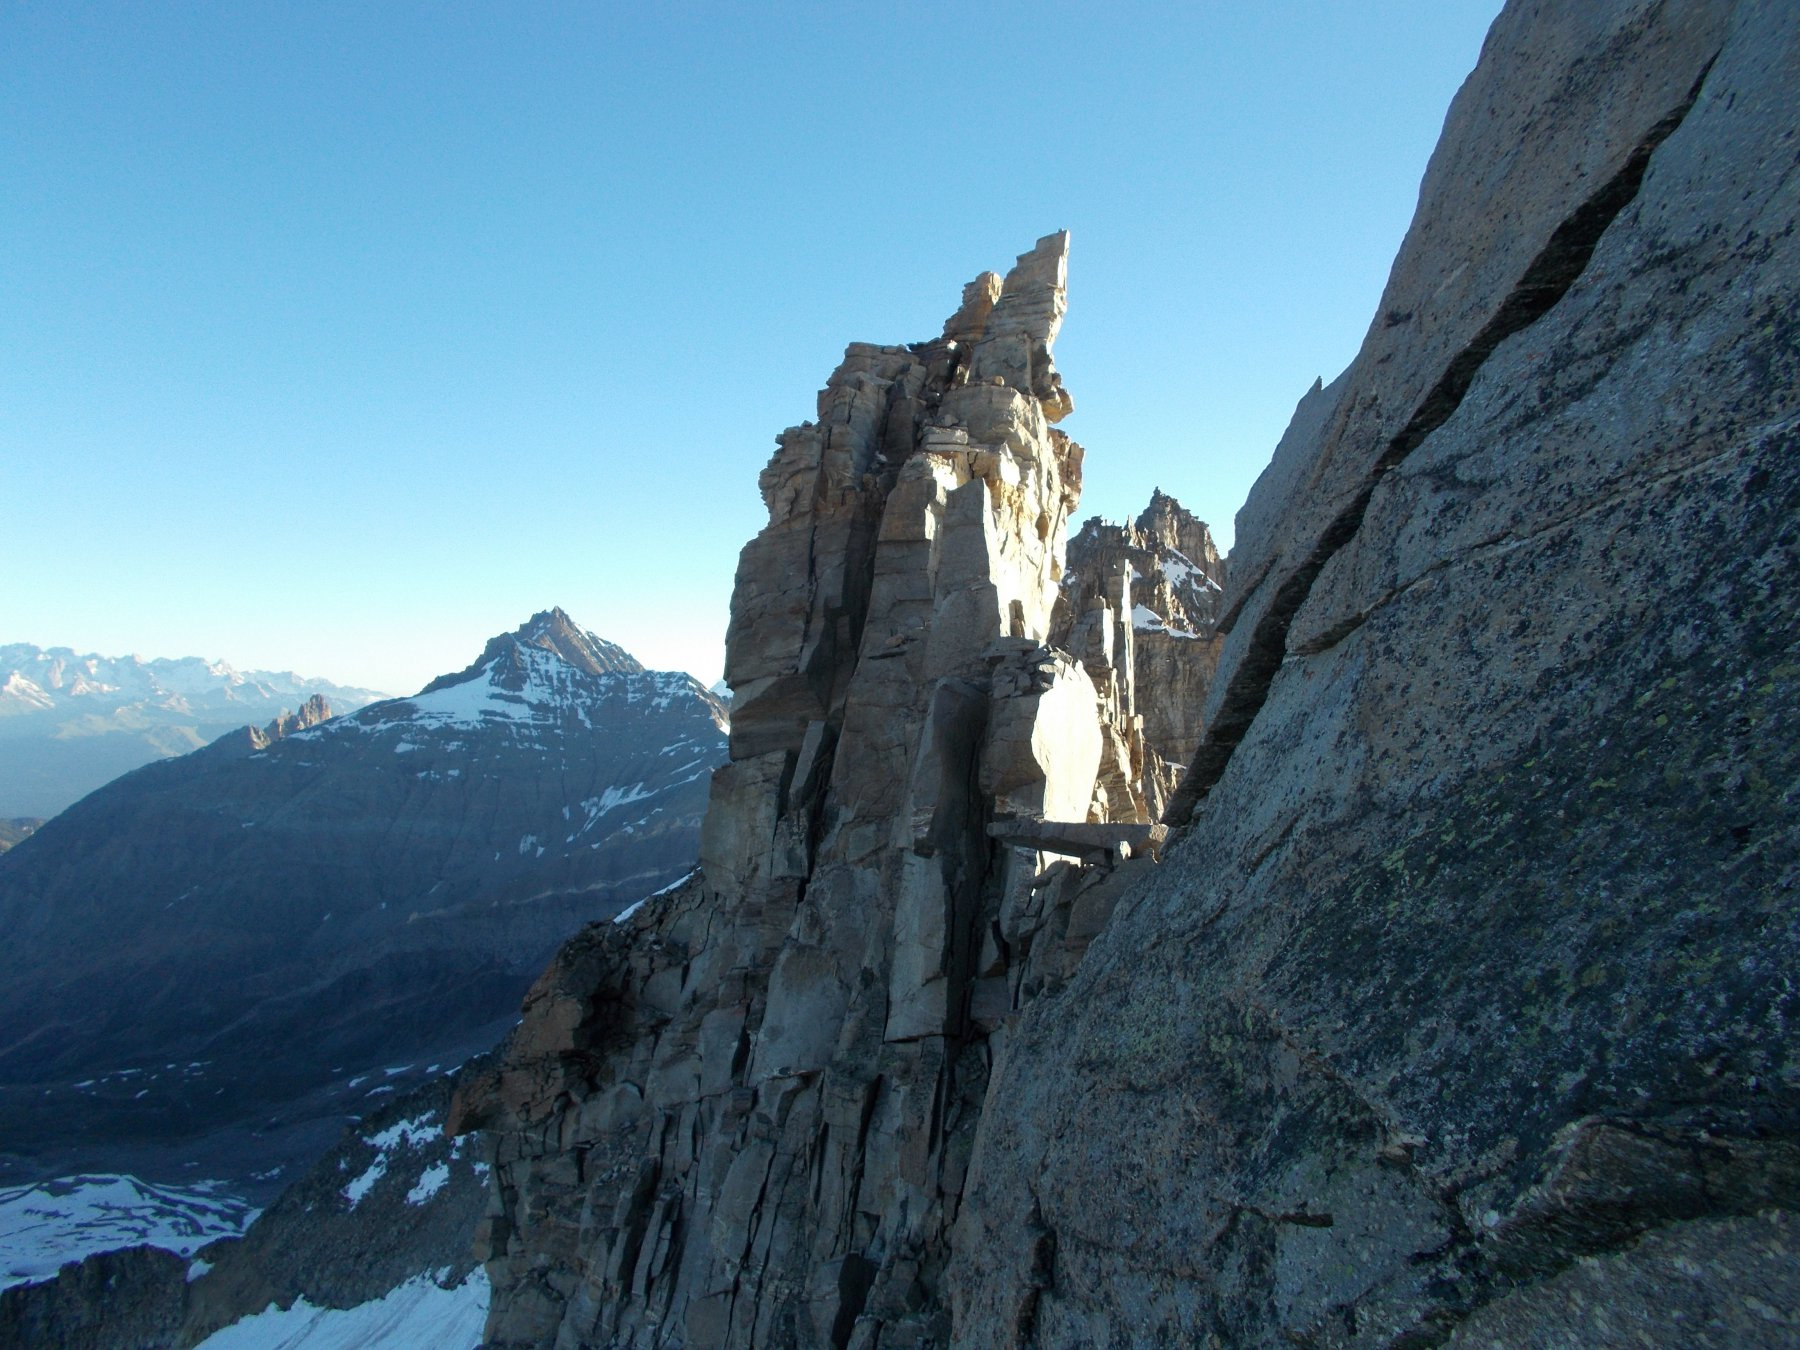 dall'ultima rampa sotto la Budden cima sud..la cima centrale..a sx la Grivola..